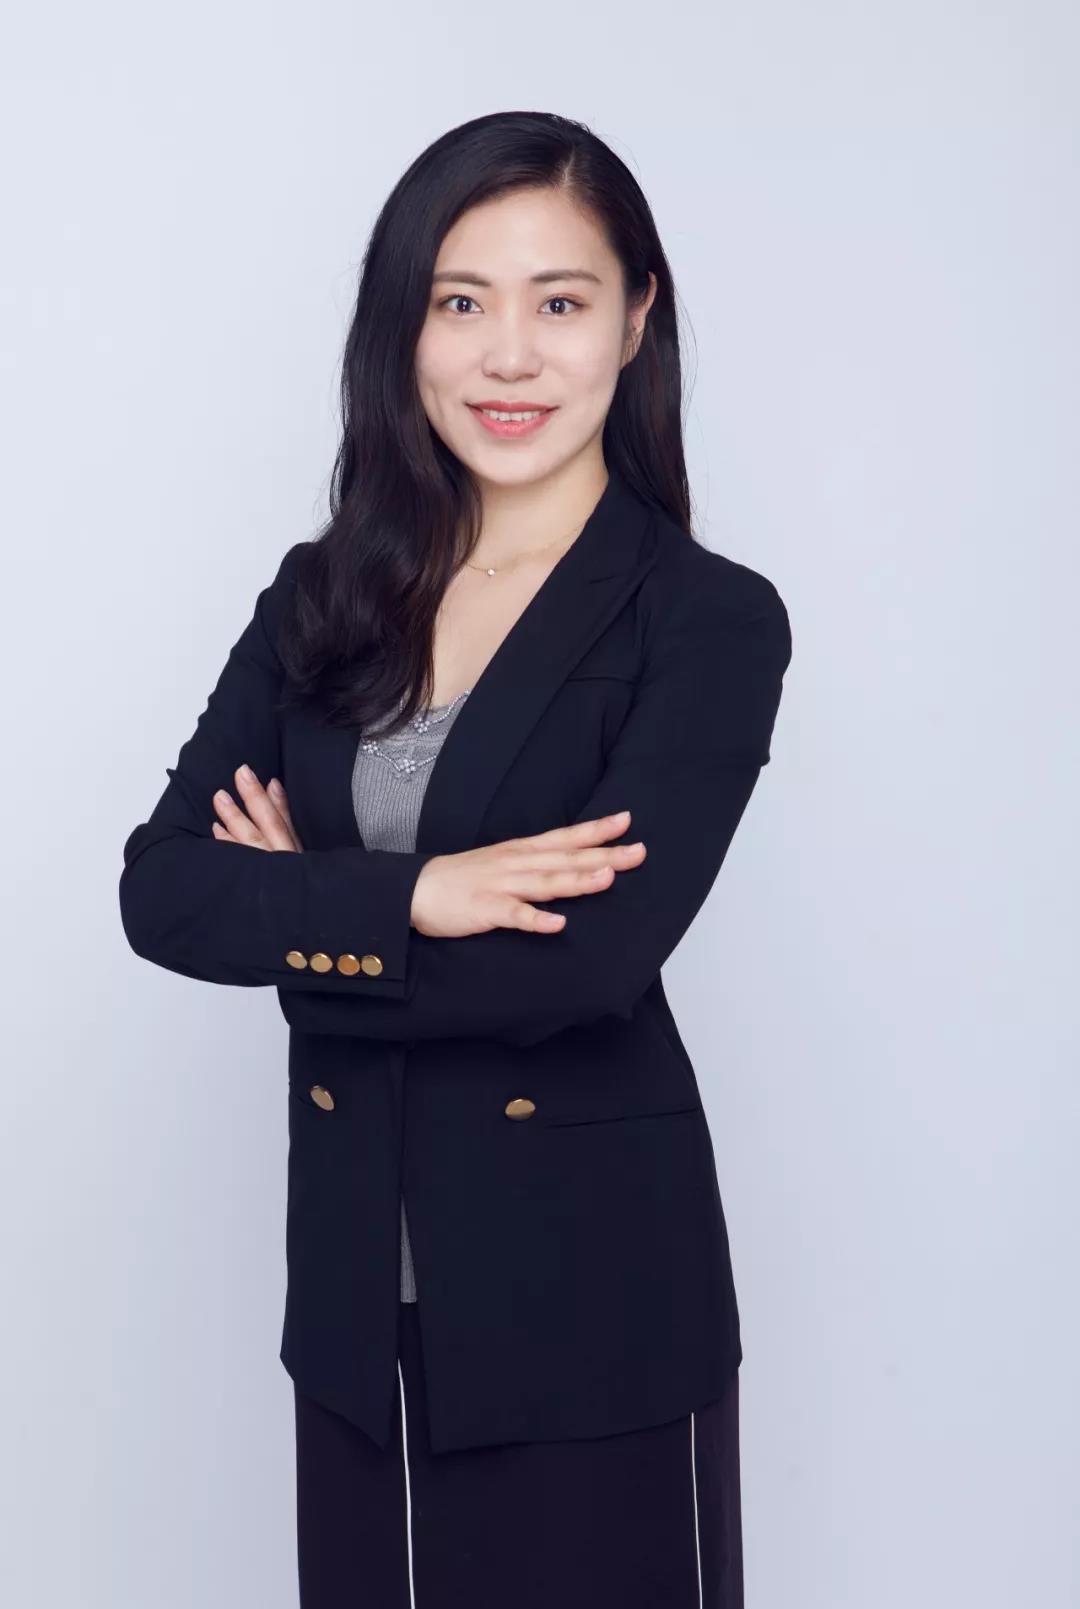 41届国际教育展连云港站